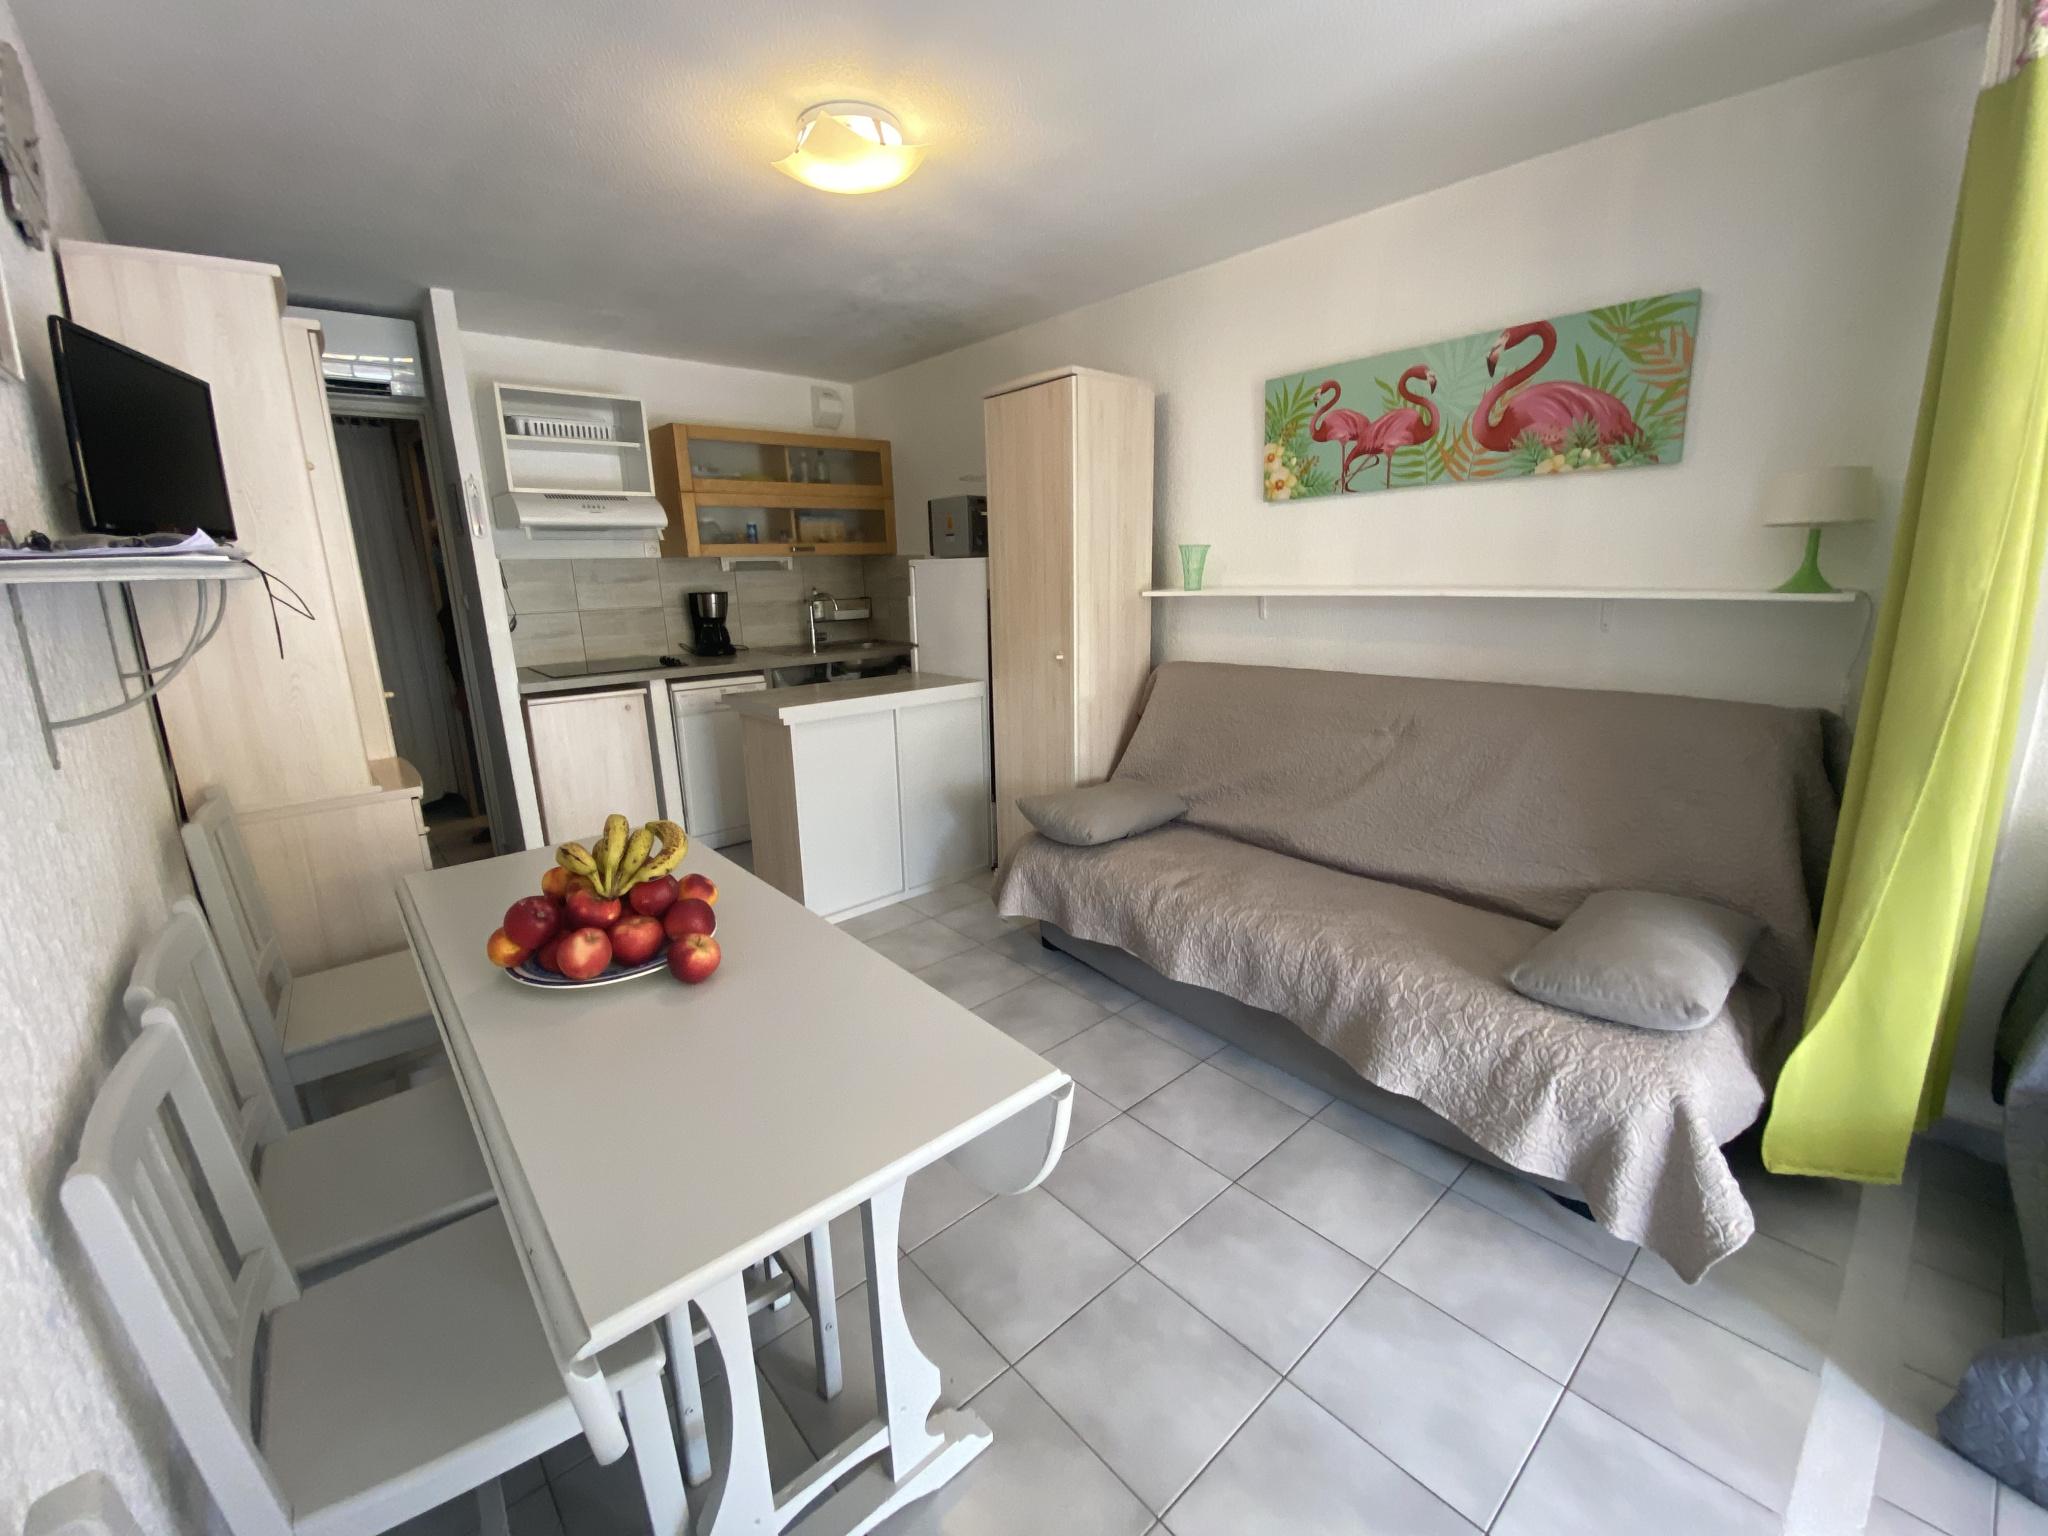 À vendre appartement de 25m2 à argeles sur mer (66700) - Photo 2'